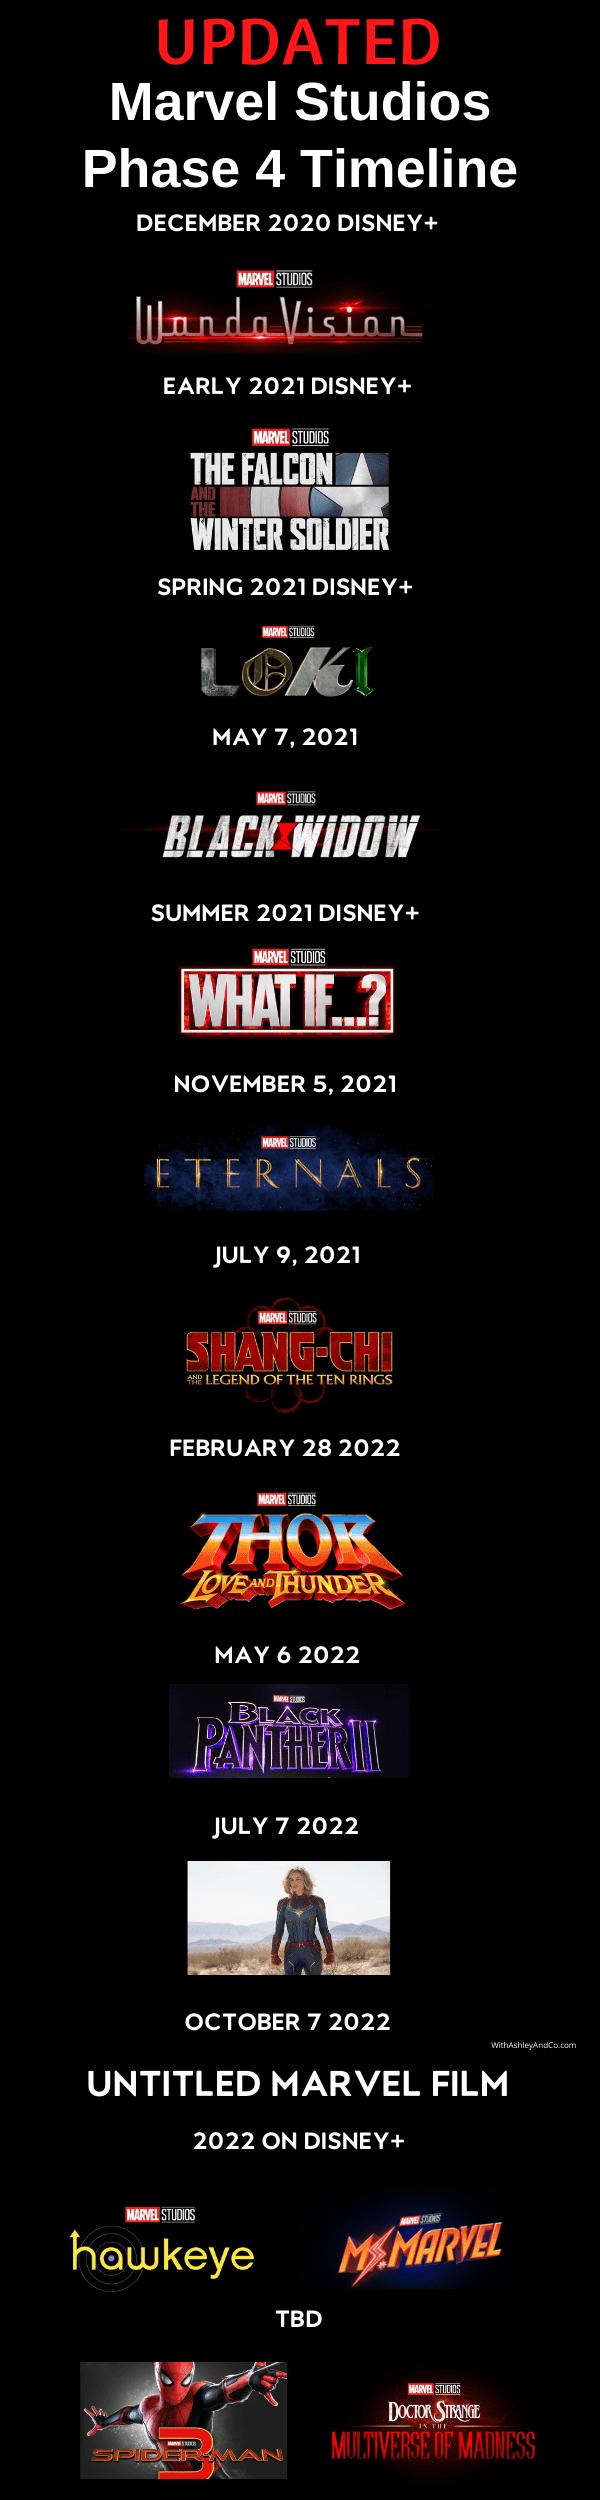 Marvel Phase 4 Update